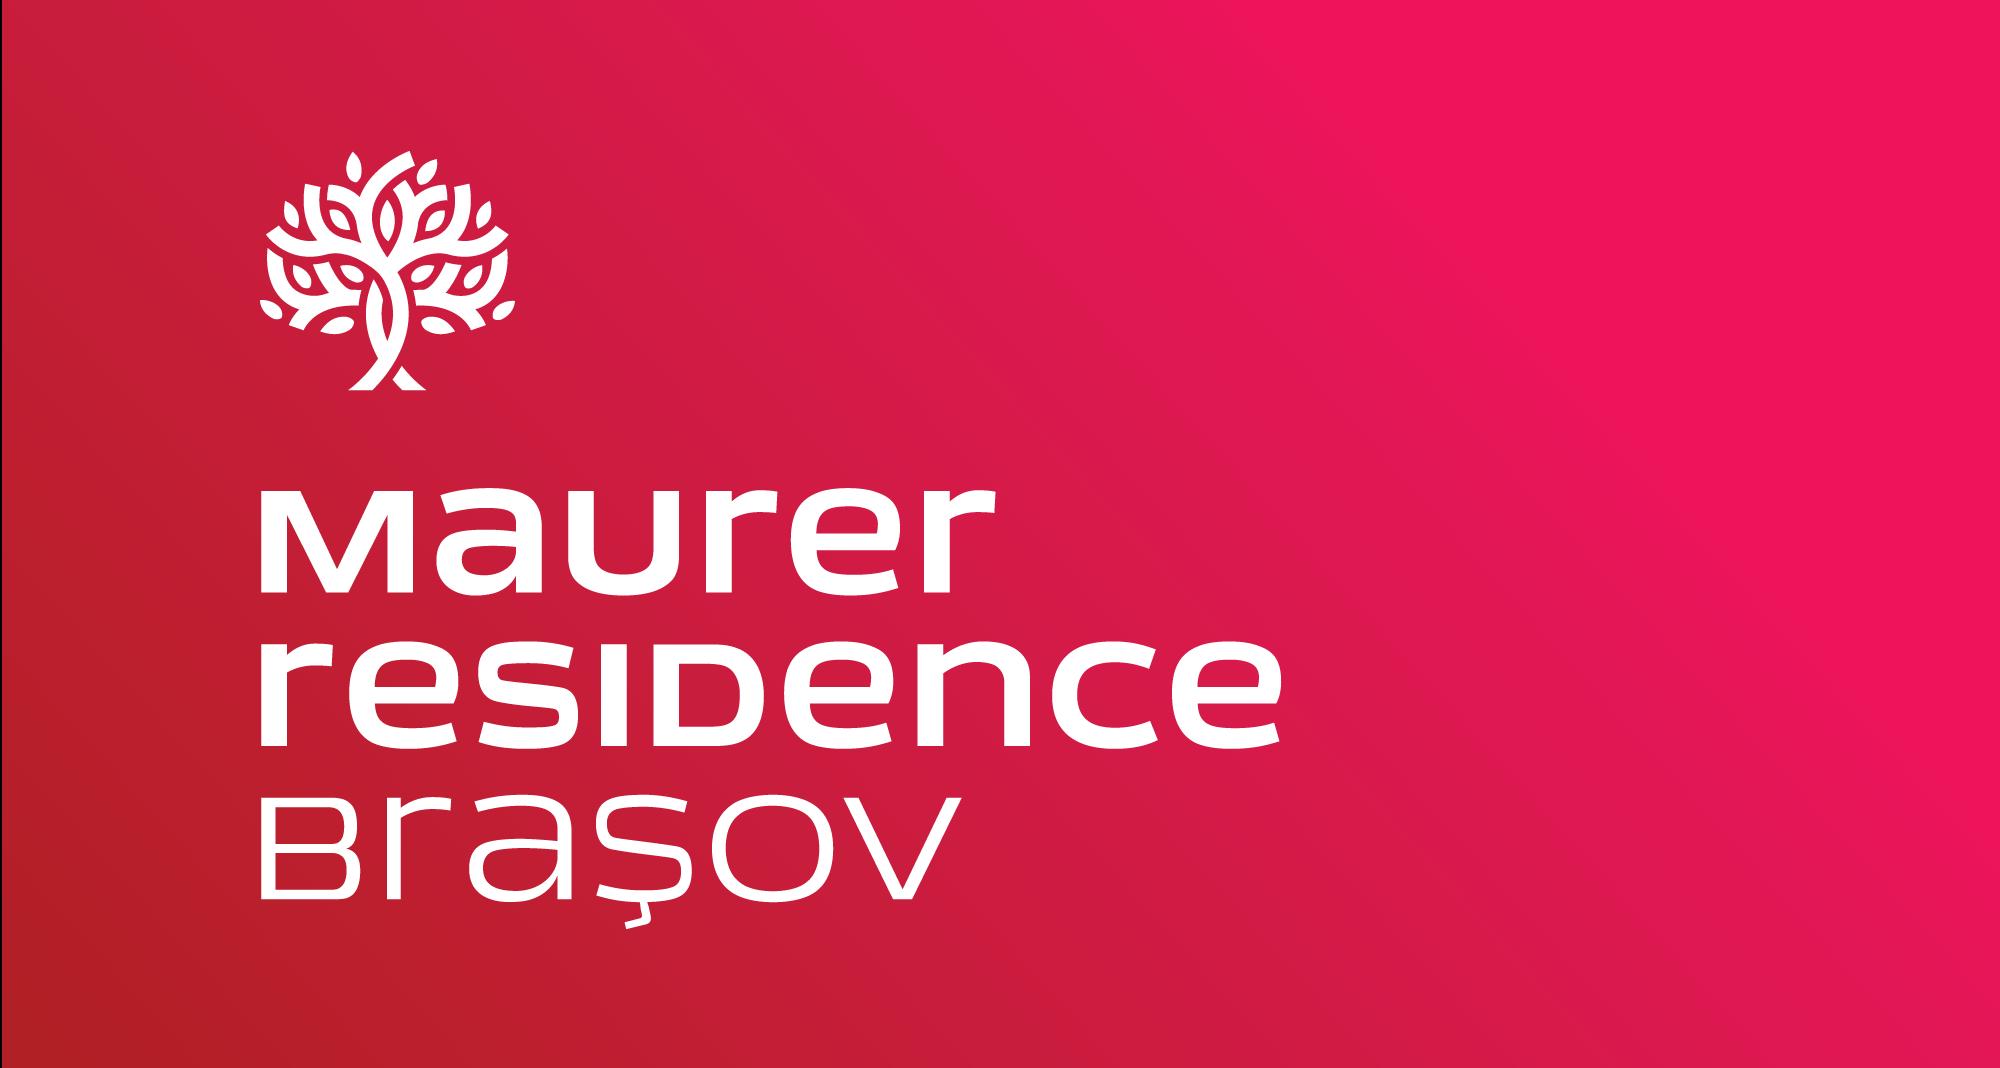 Maurer Residence Brasov